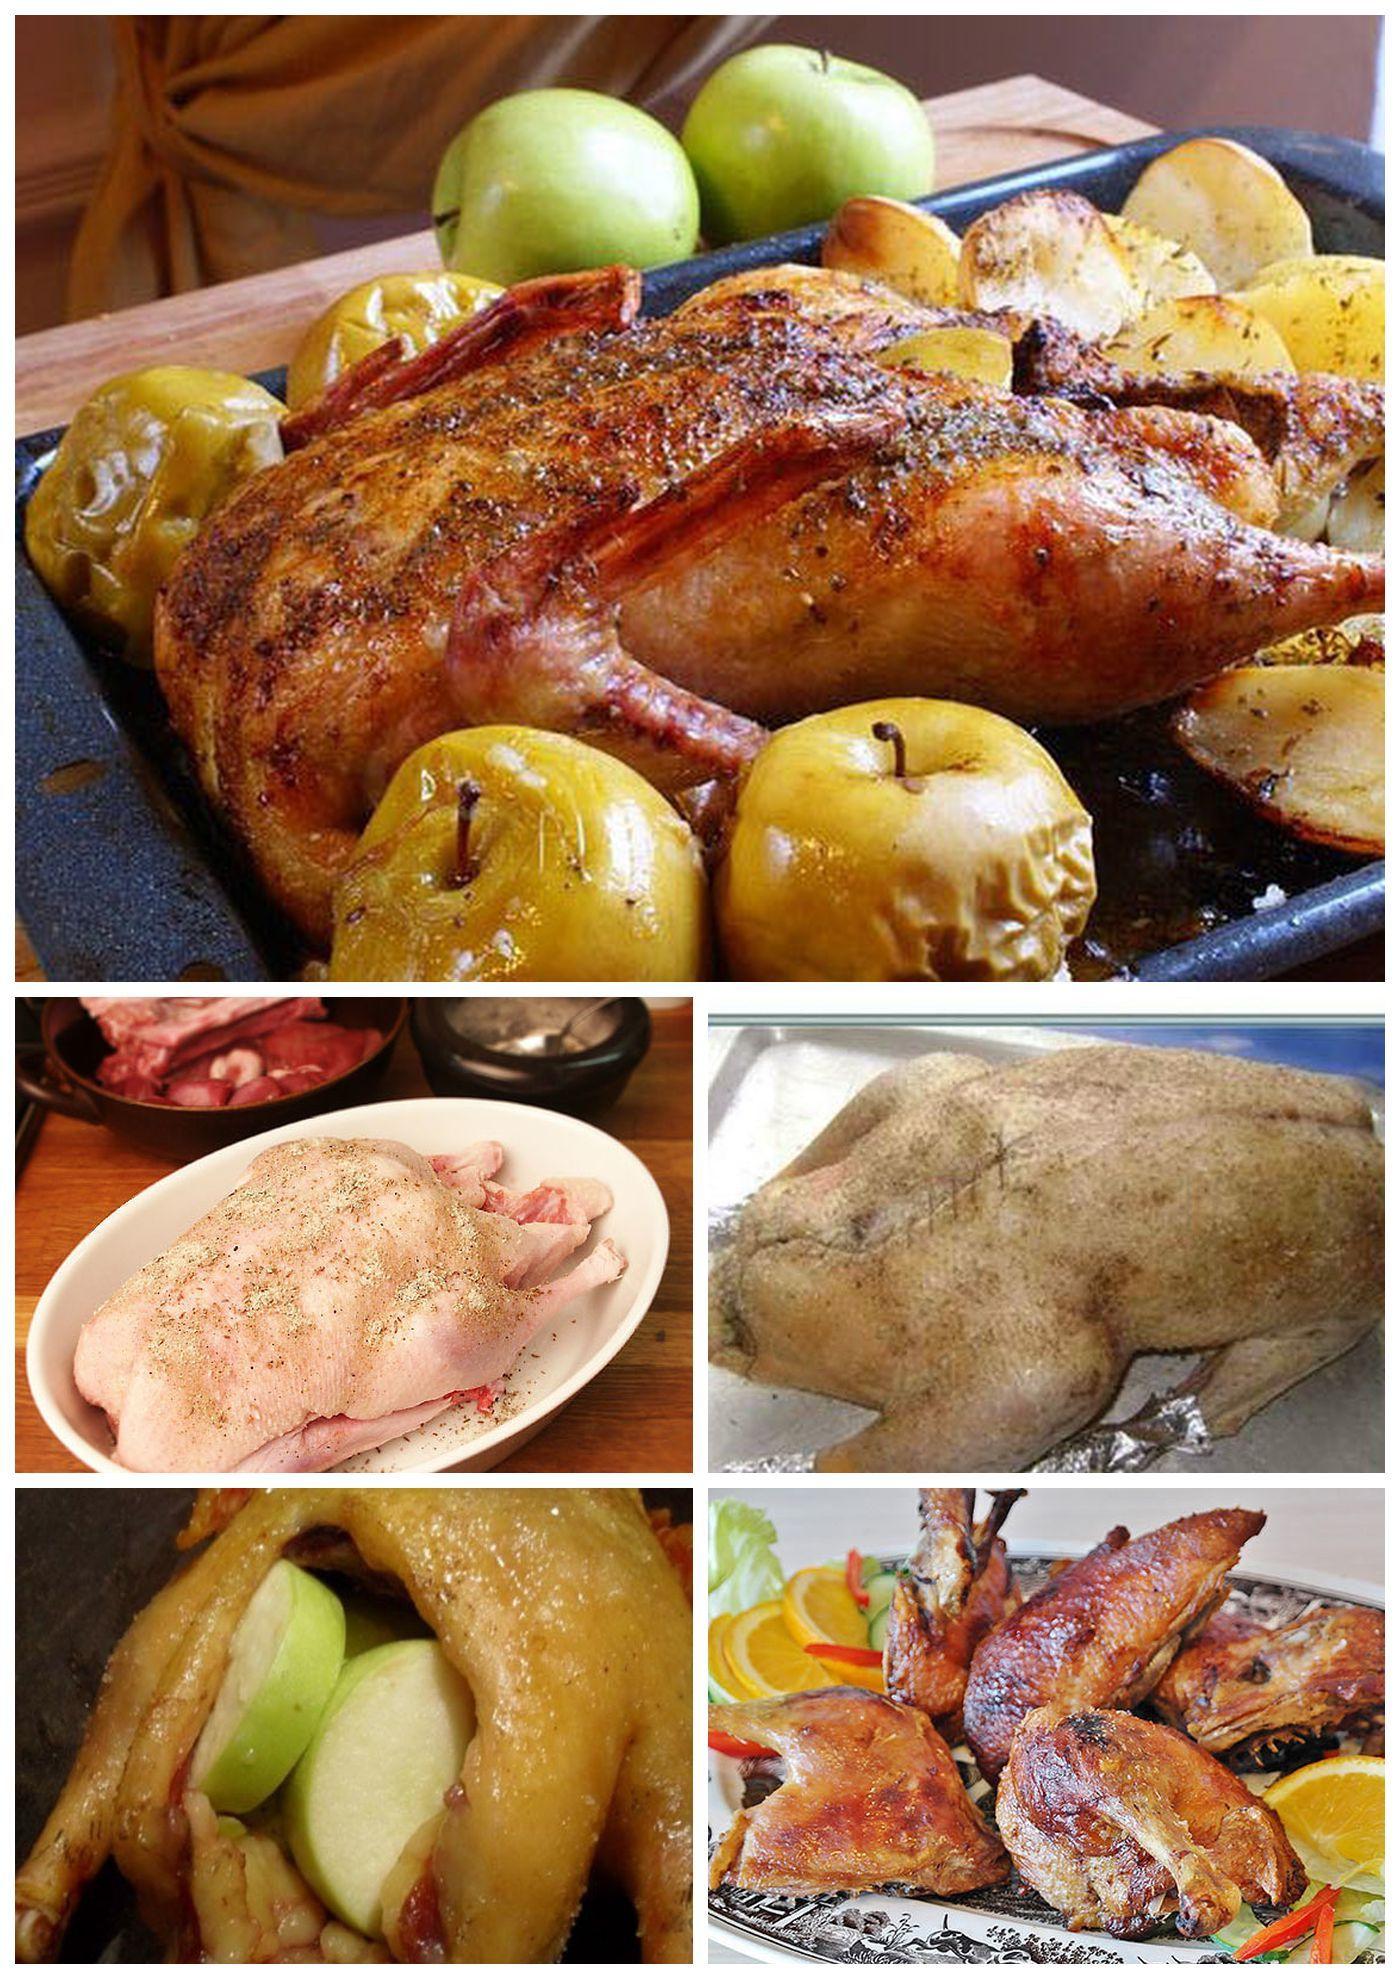 пошаговый рецепт №1 - Гусь с яблоками в духовке с фото 2